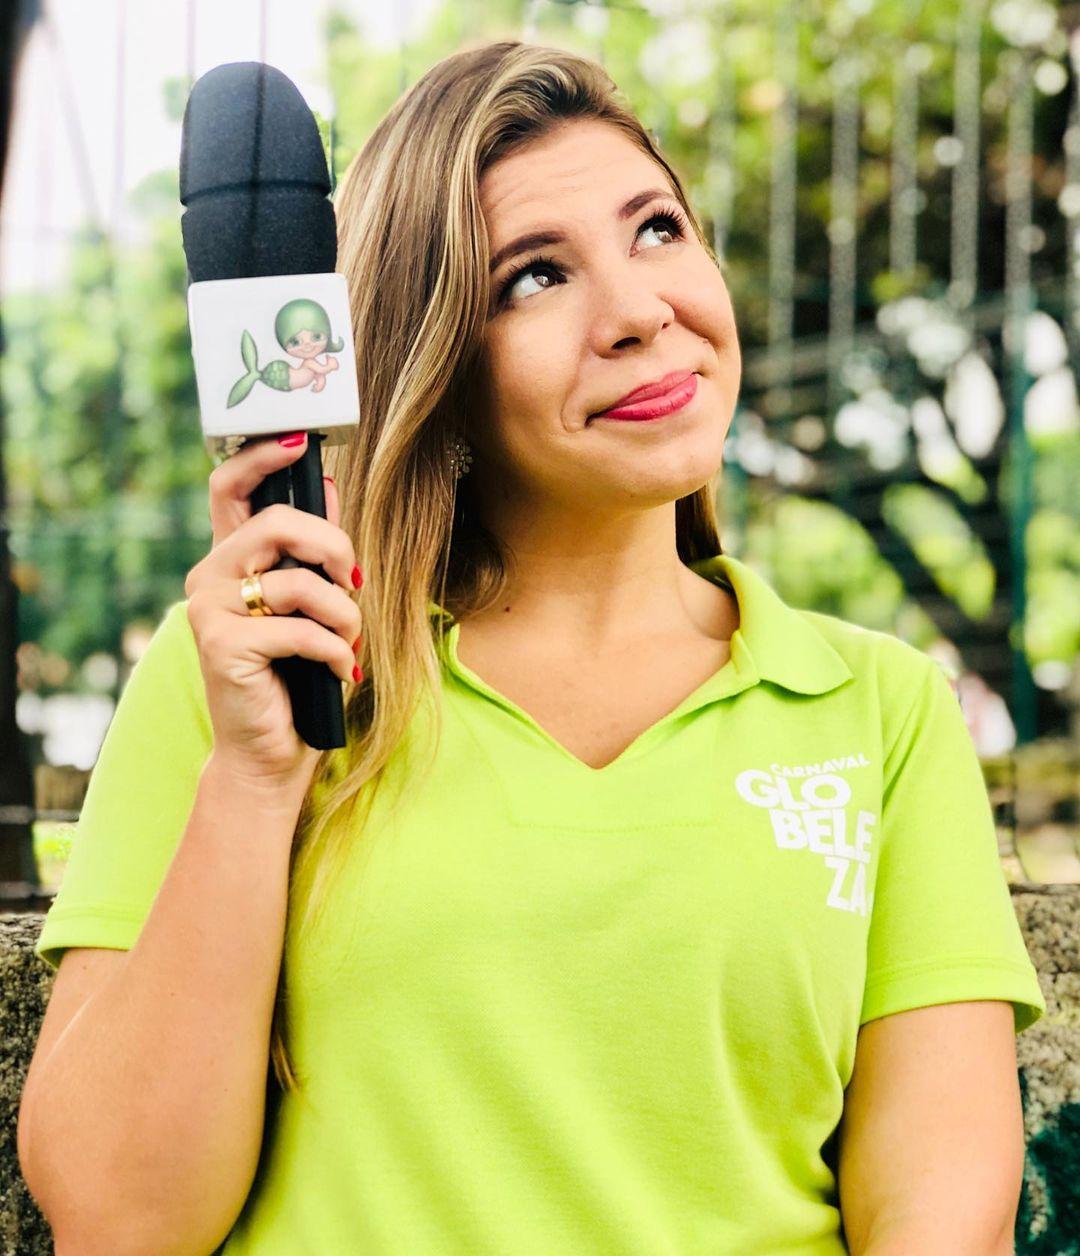 Repórter da TV Verdes Mares, Marina Alves precisa de doação de sangue, plaquetas e medula; saiba como ajudar